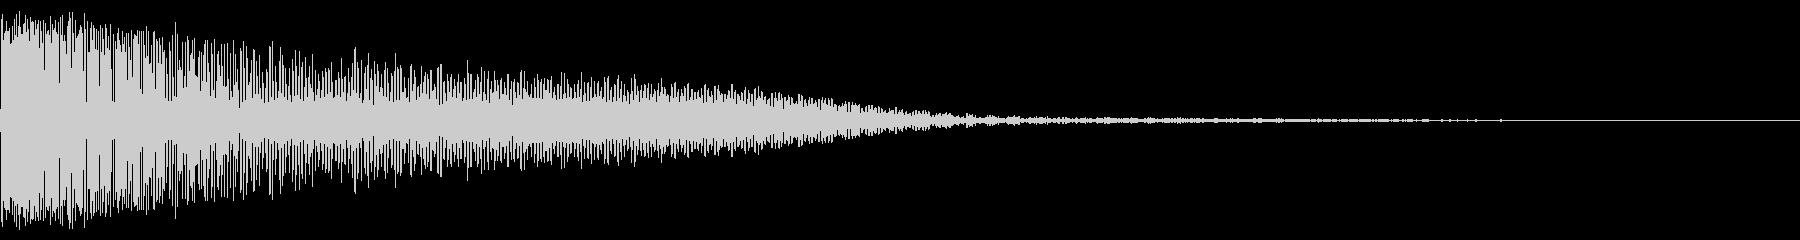 ビッグフラタリングインパクトブラスト1の未再生の波形